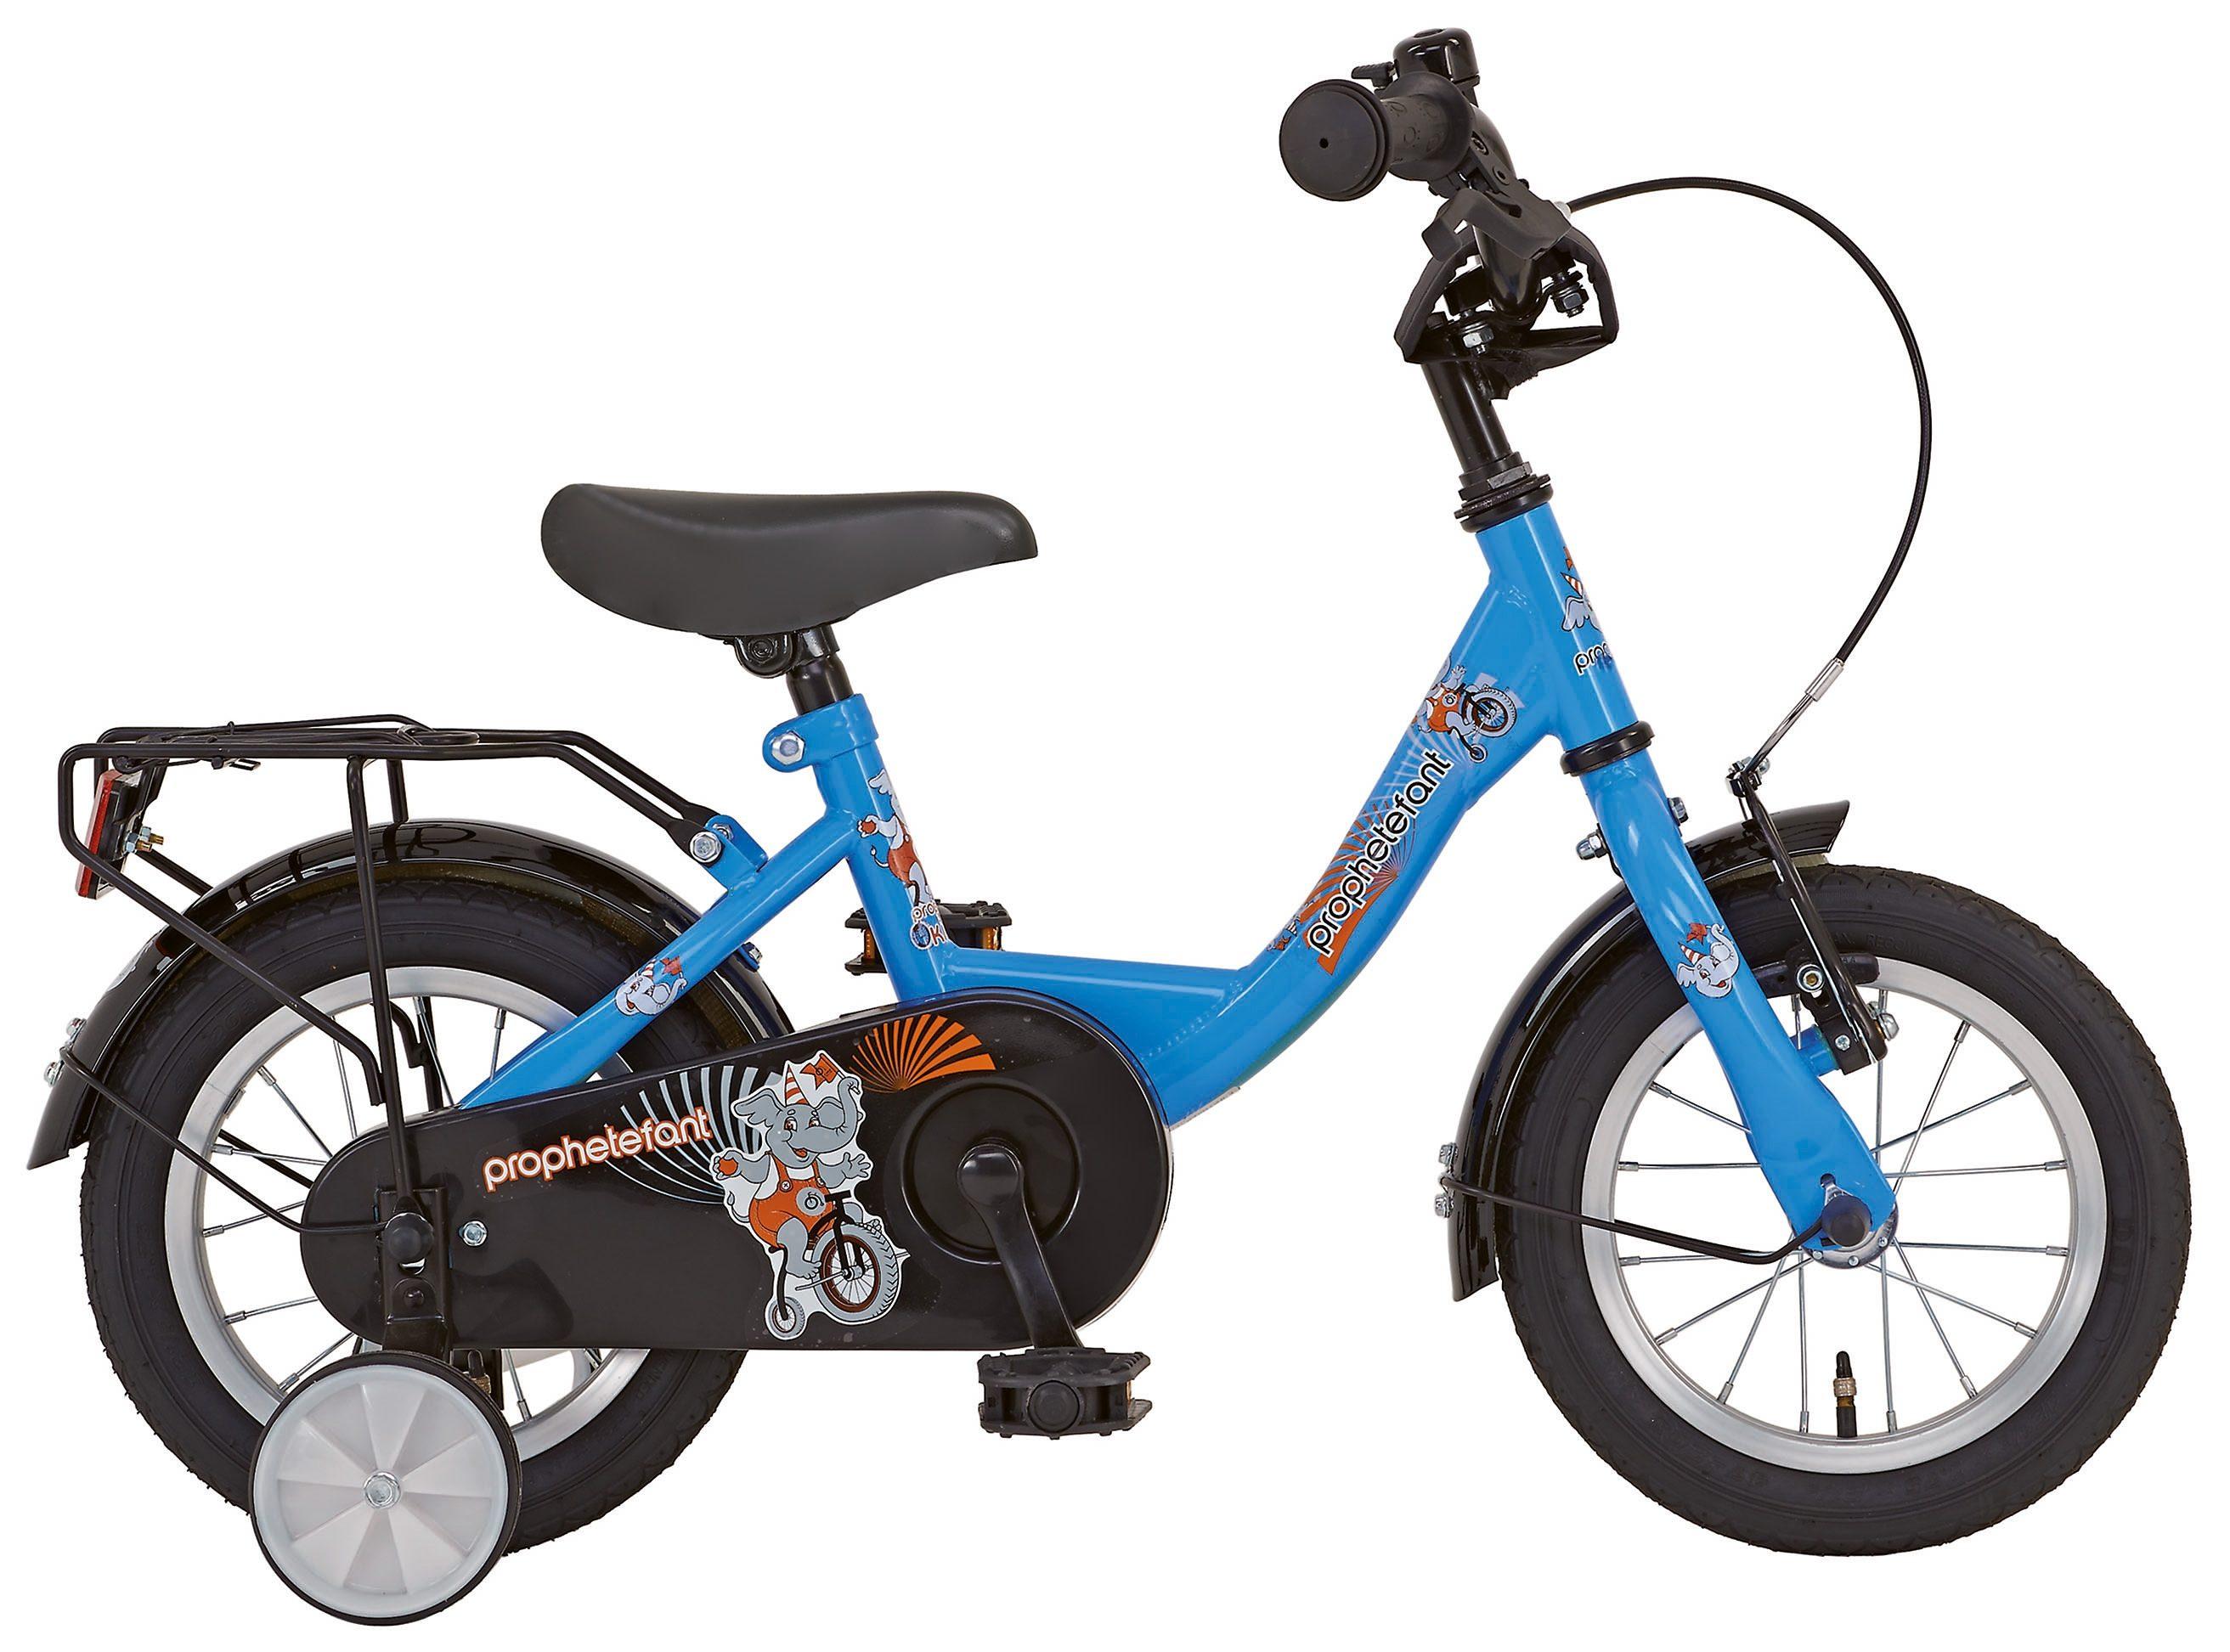 Prophete Kinderrad, 12 Zoll, 1 Gang, Rücktritt, Stützräder, blau, »Einsteiger«